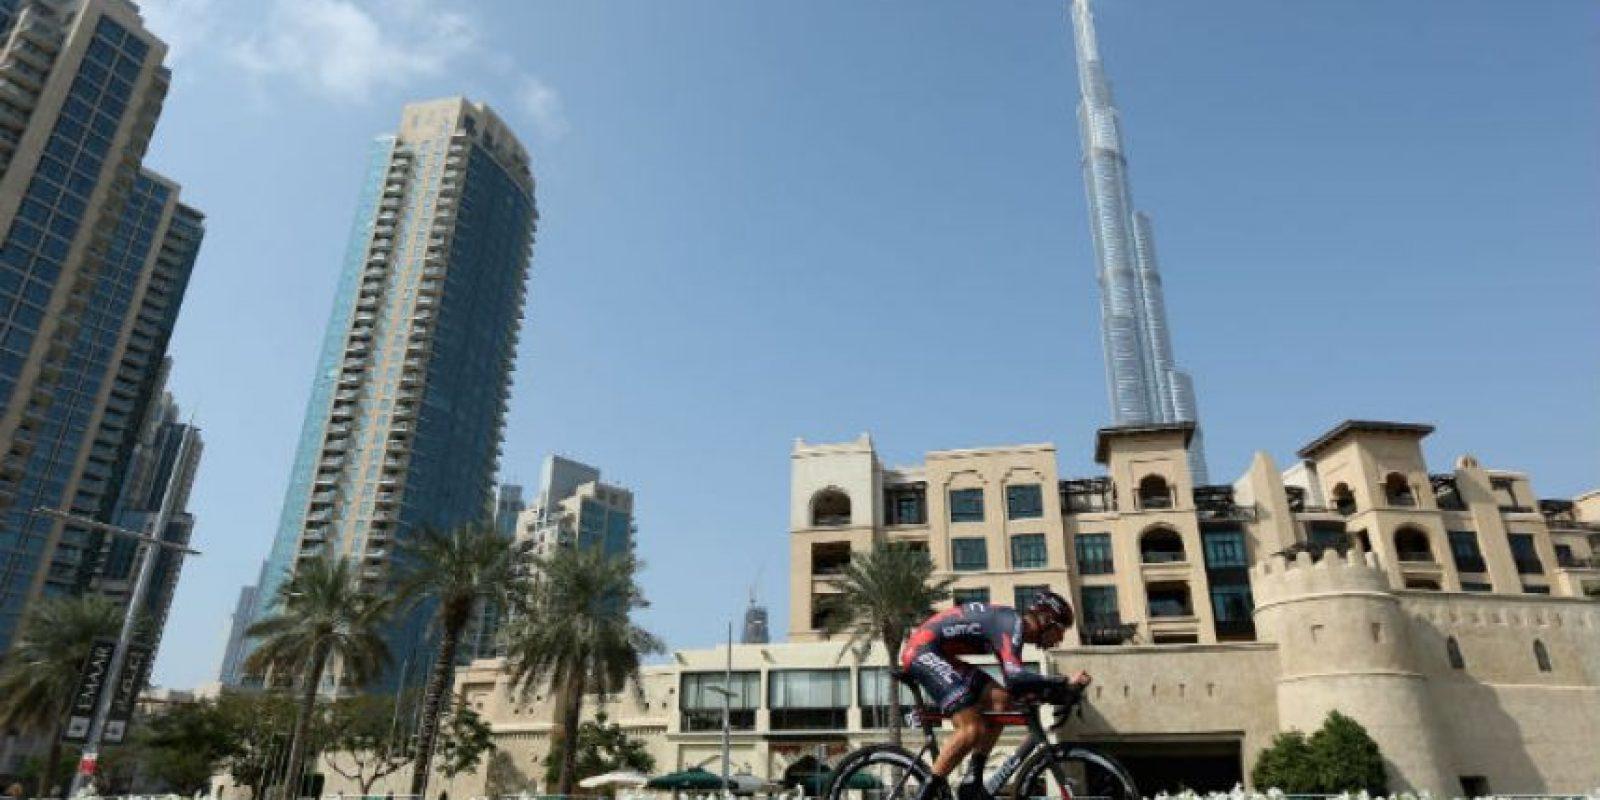 on 828 metros de altura, es la estructura más alta de la que se tiene registro en la historia. Foto:Getty Images